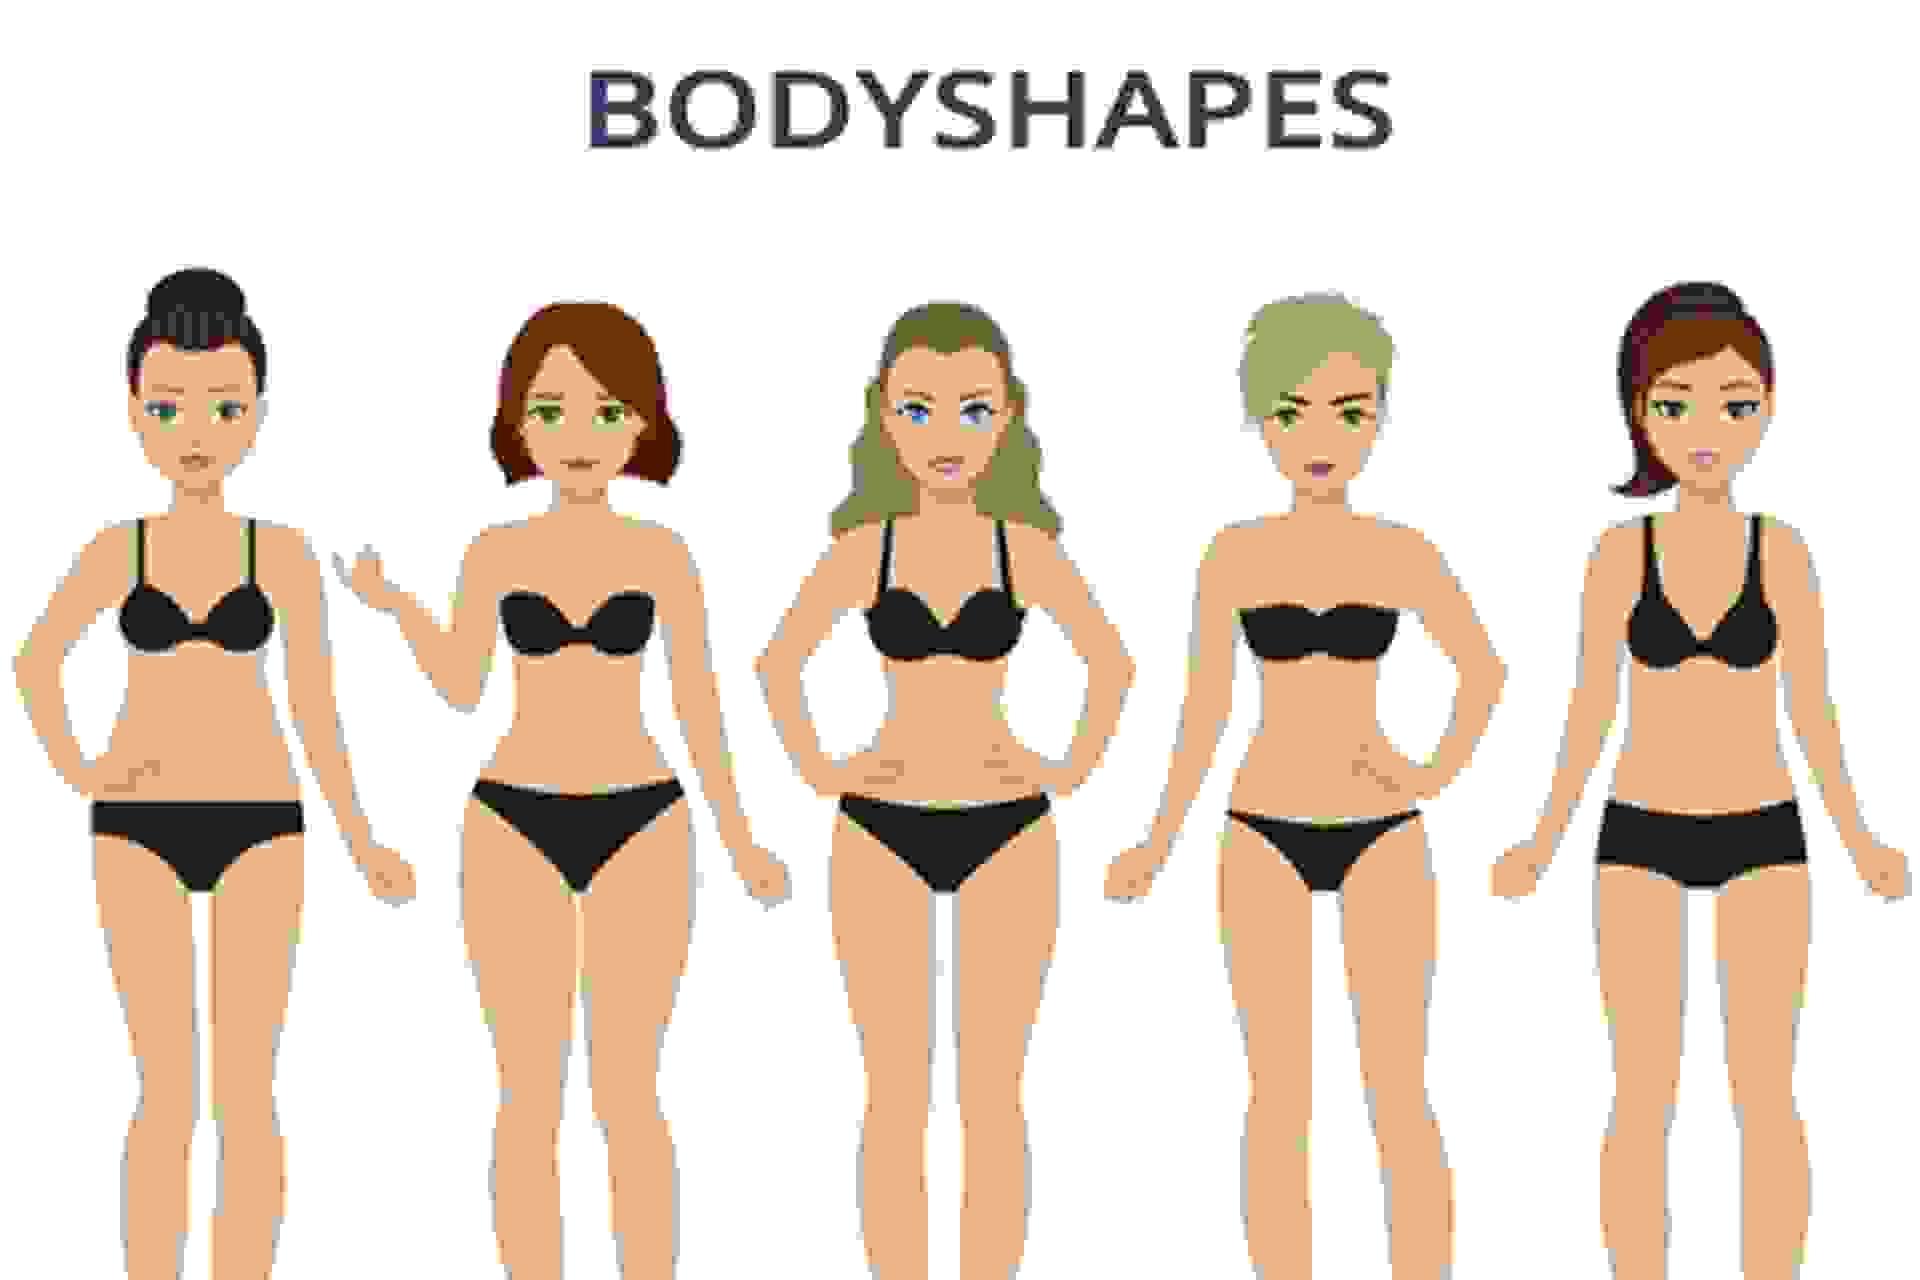 Grafische Darstellung der unterschiedlichen Bikinifiguren/Körperformen.